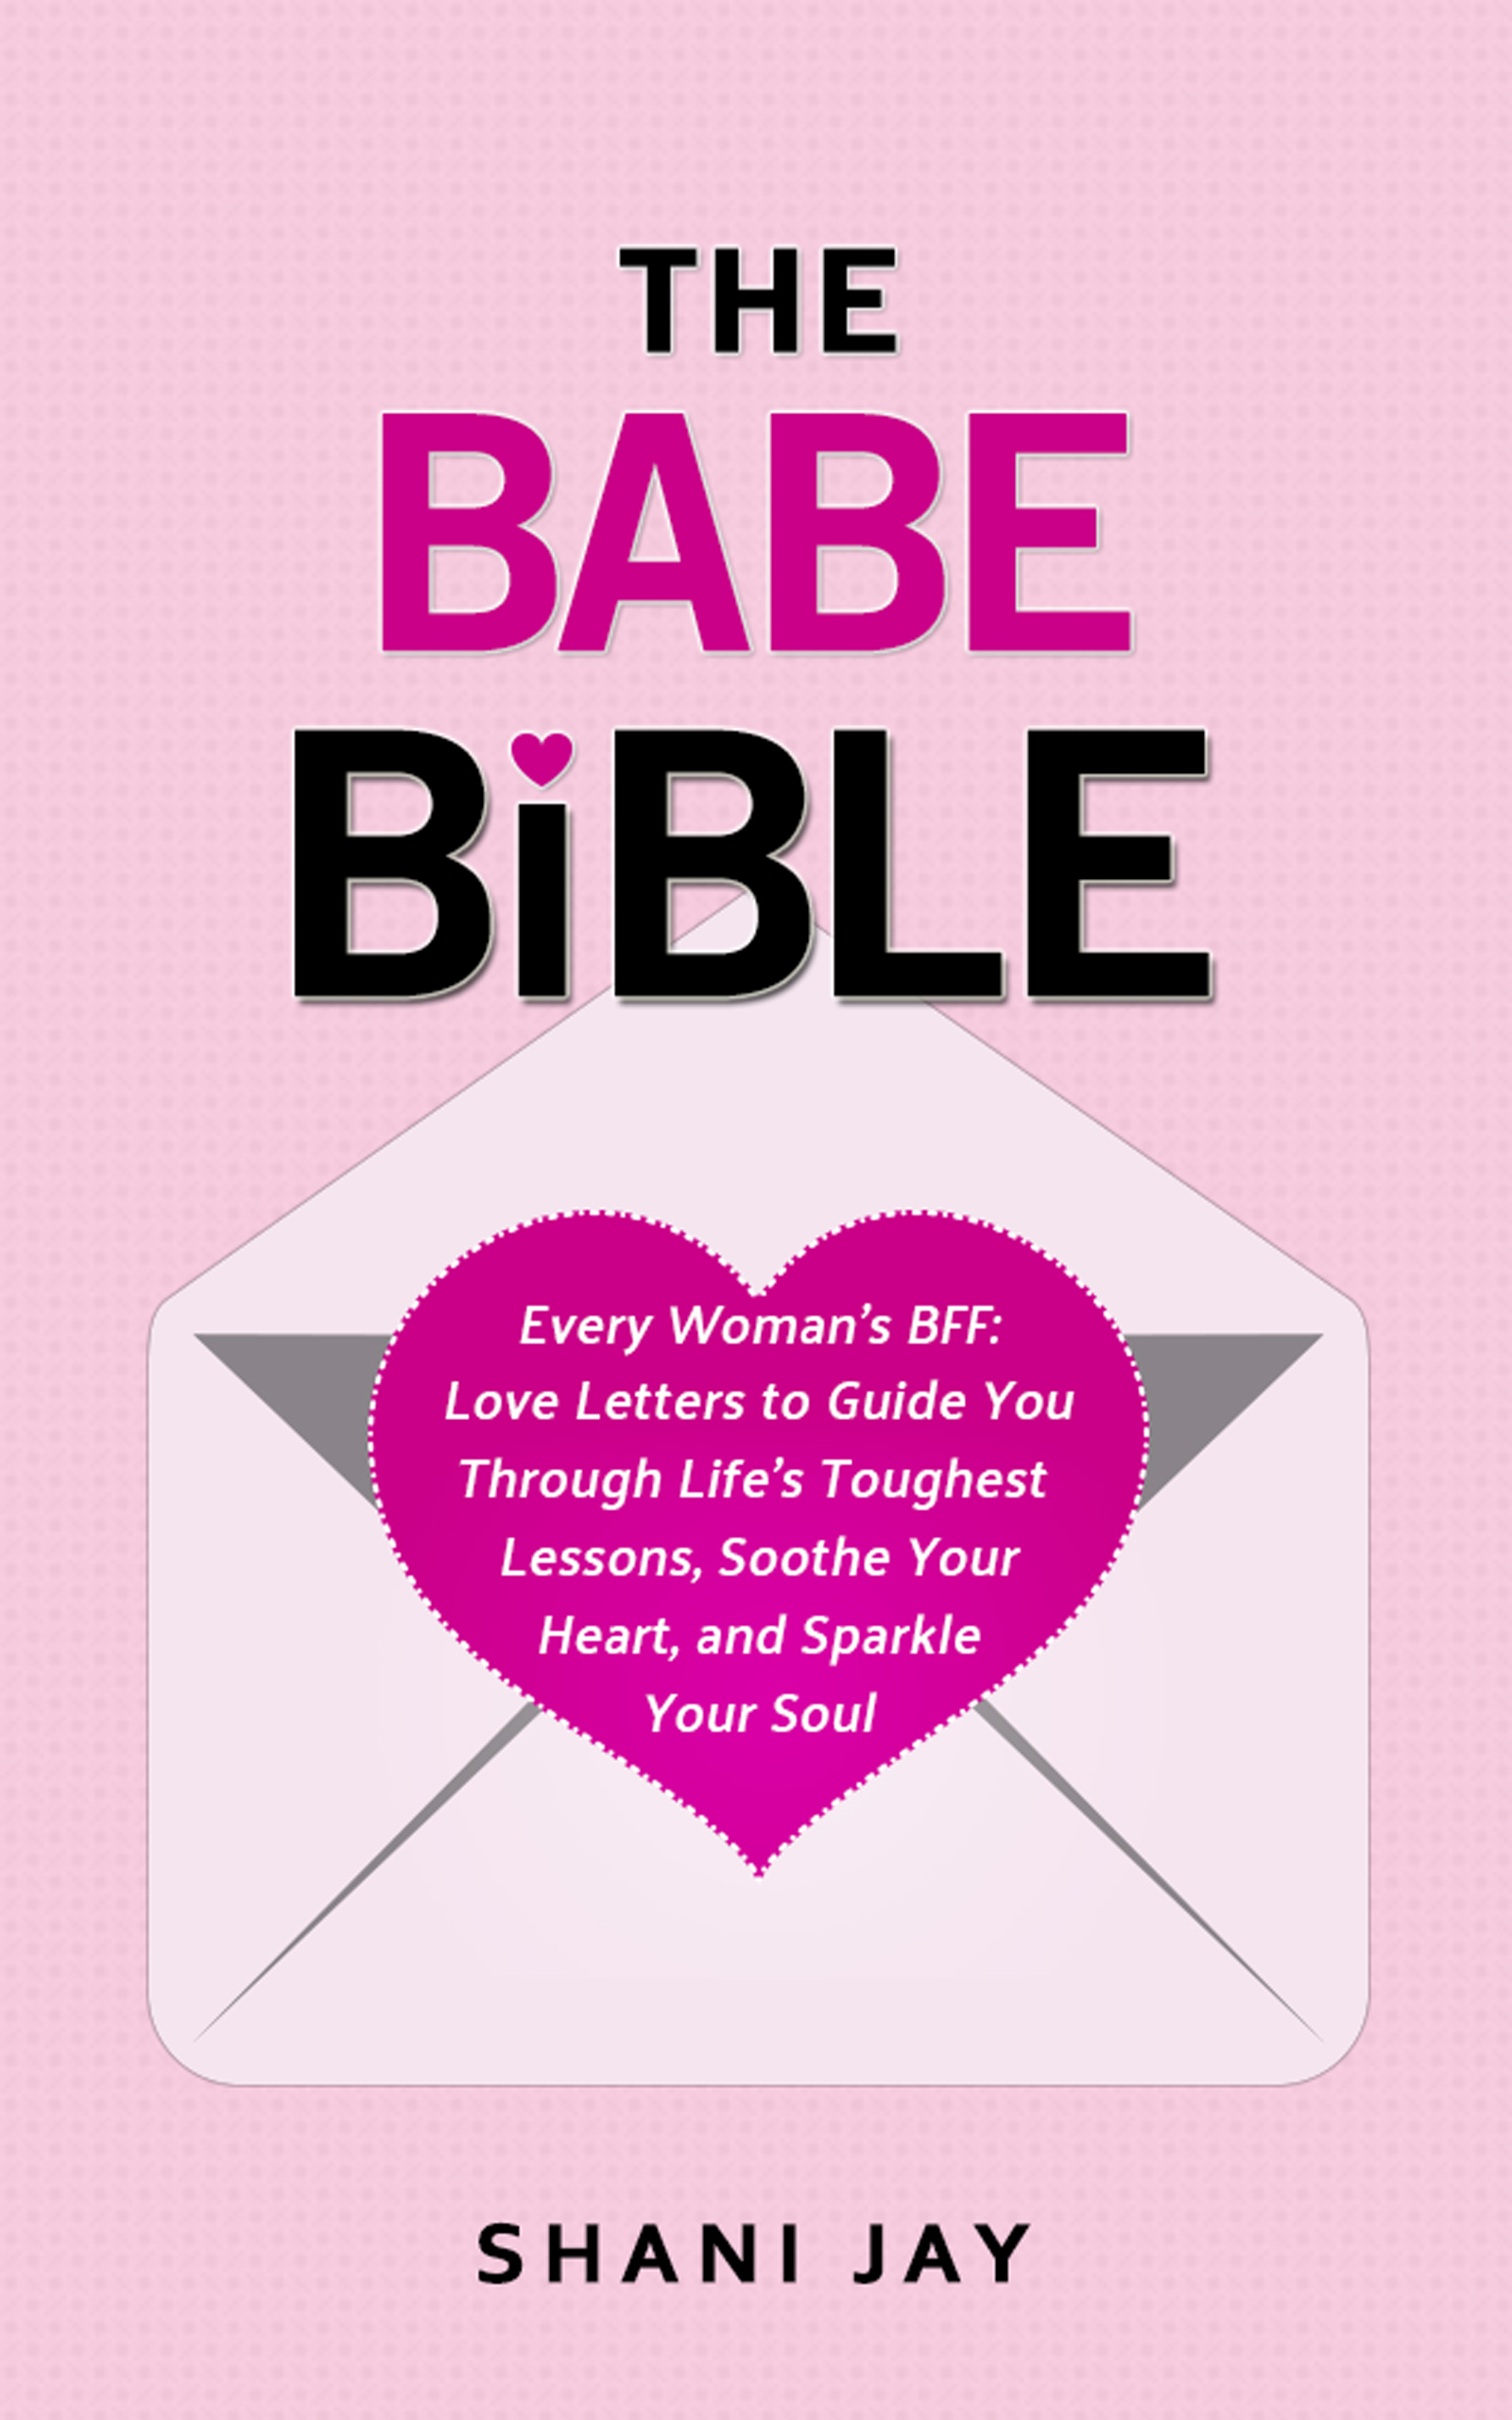 babe bible book